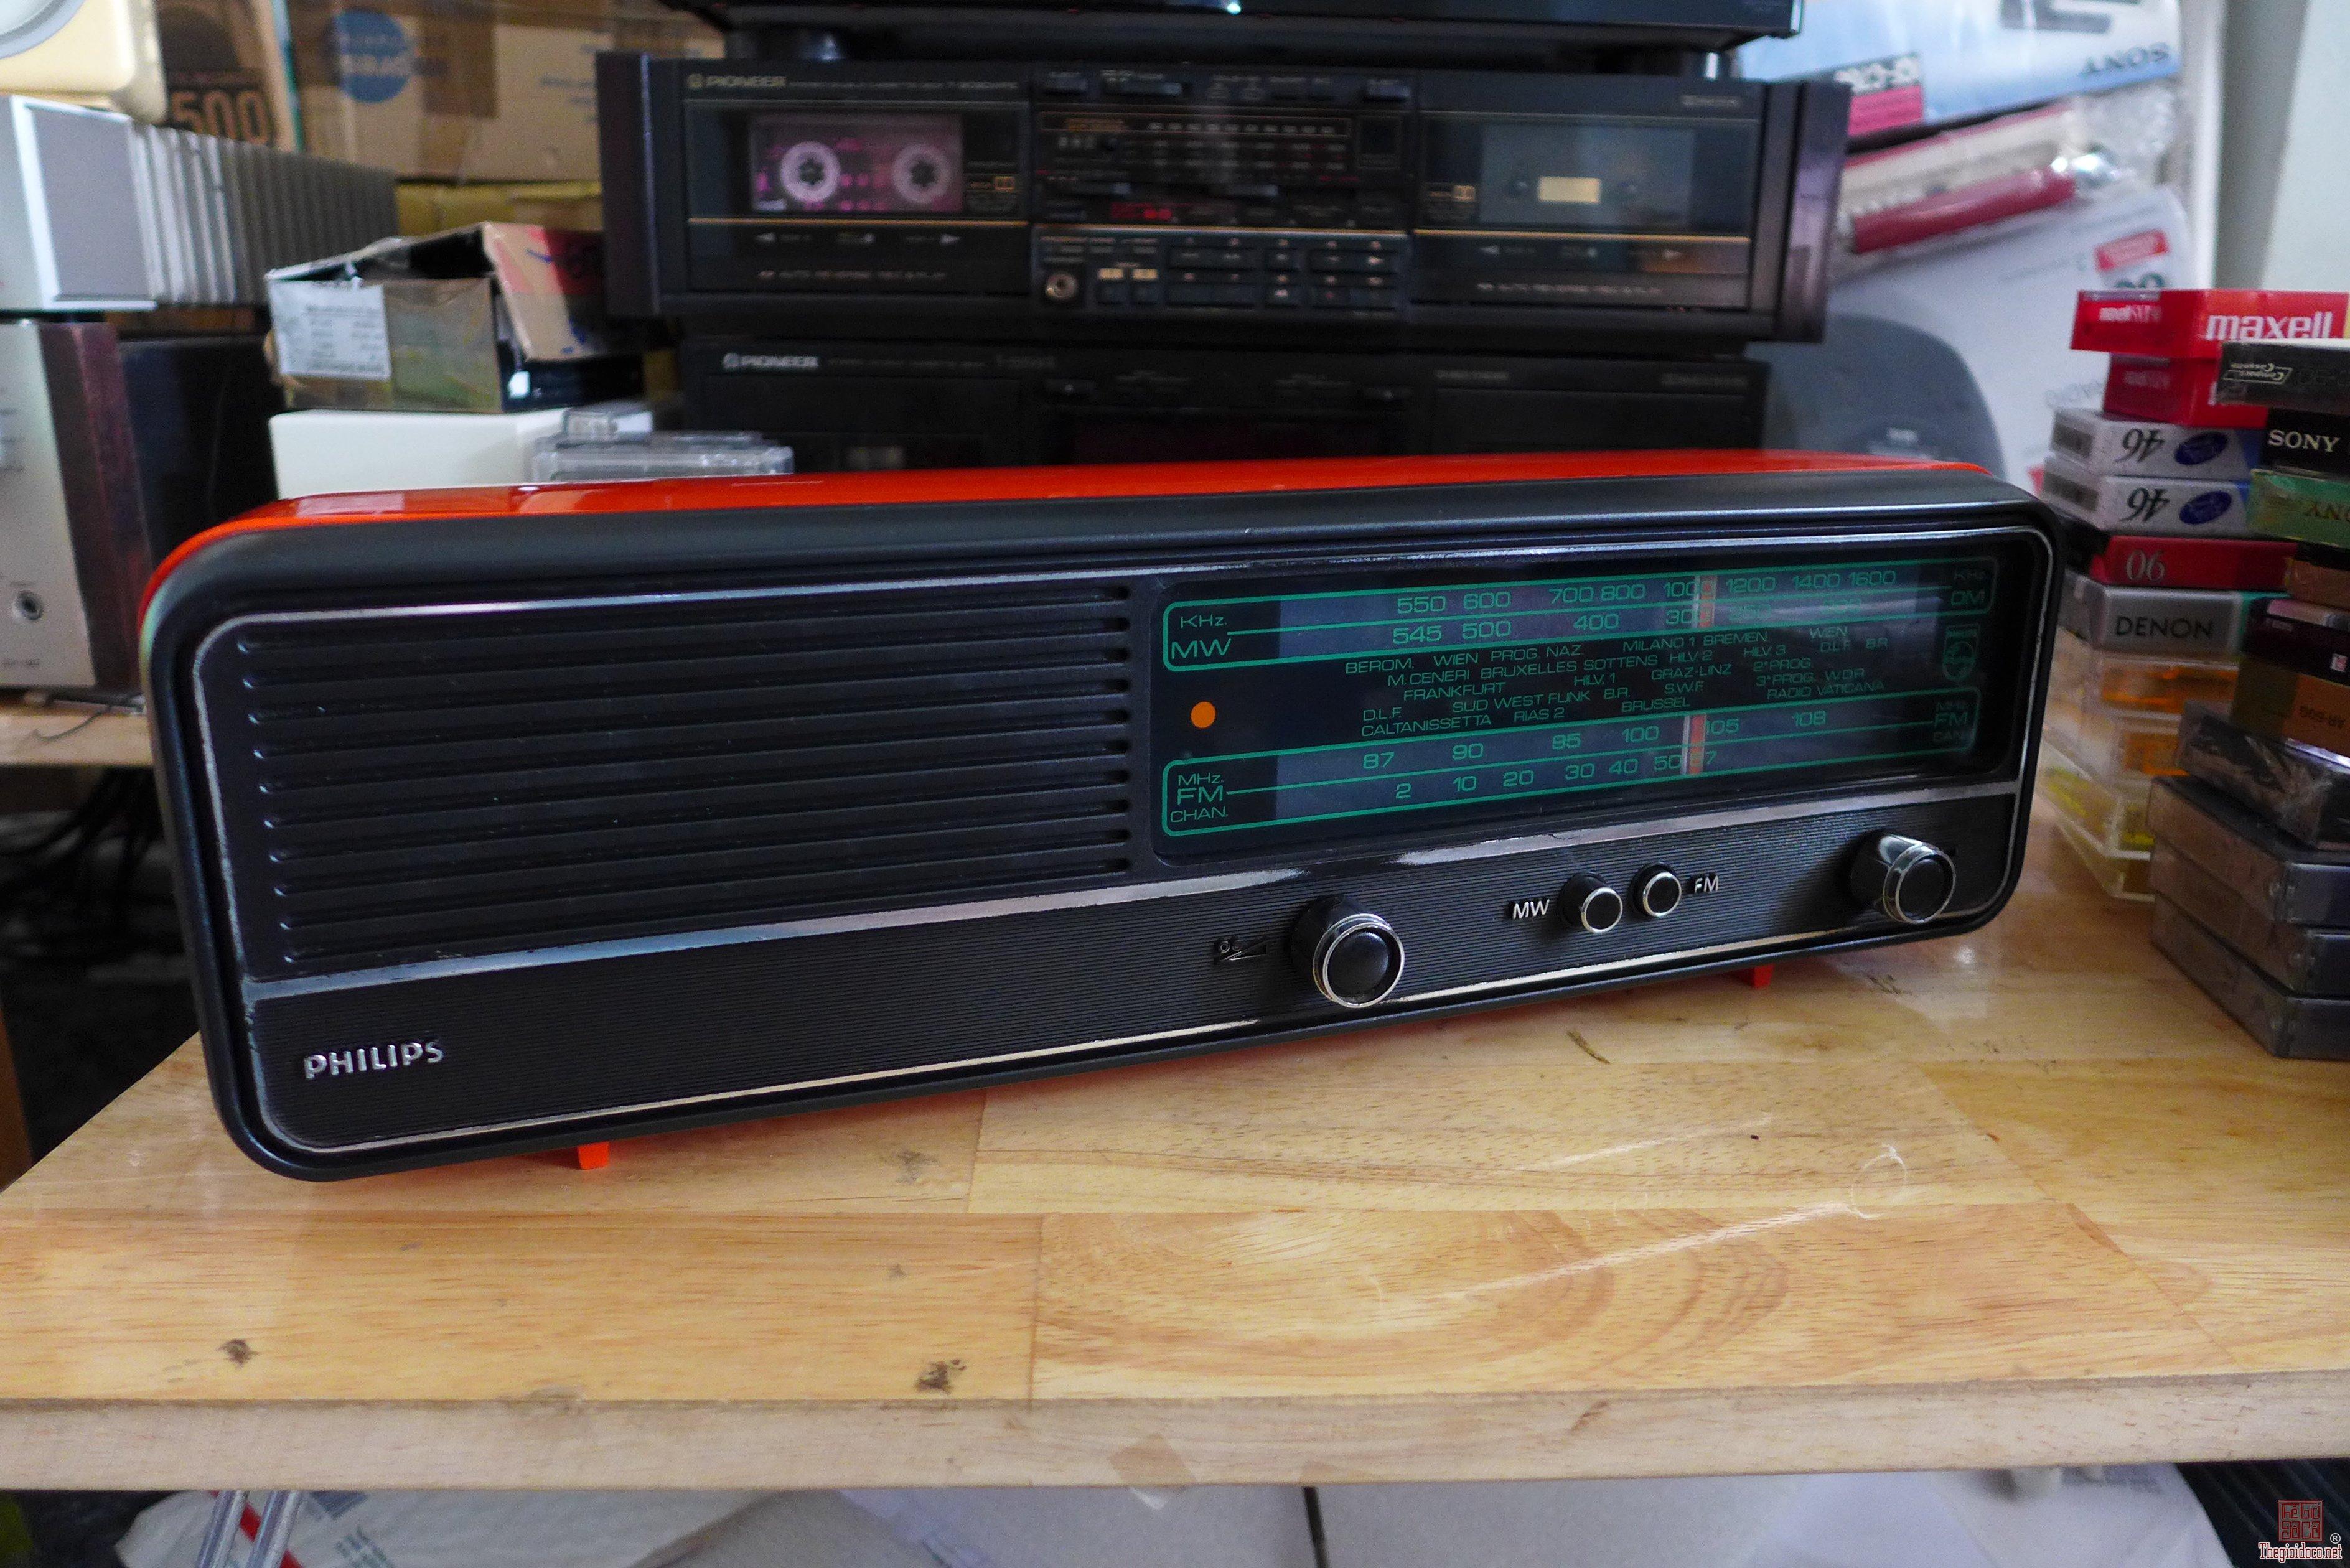 HCM - Q10 - Bán radio Philips 19RB 244, màu đỏ - Belgium.